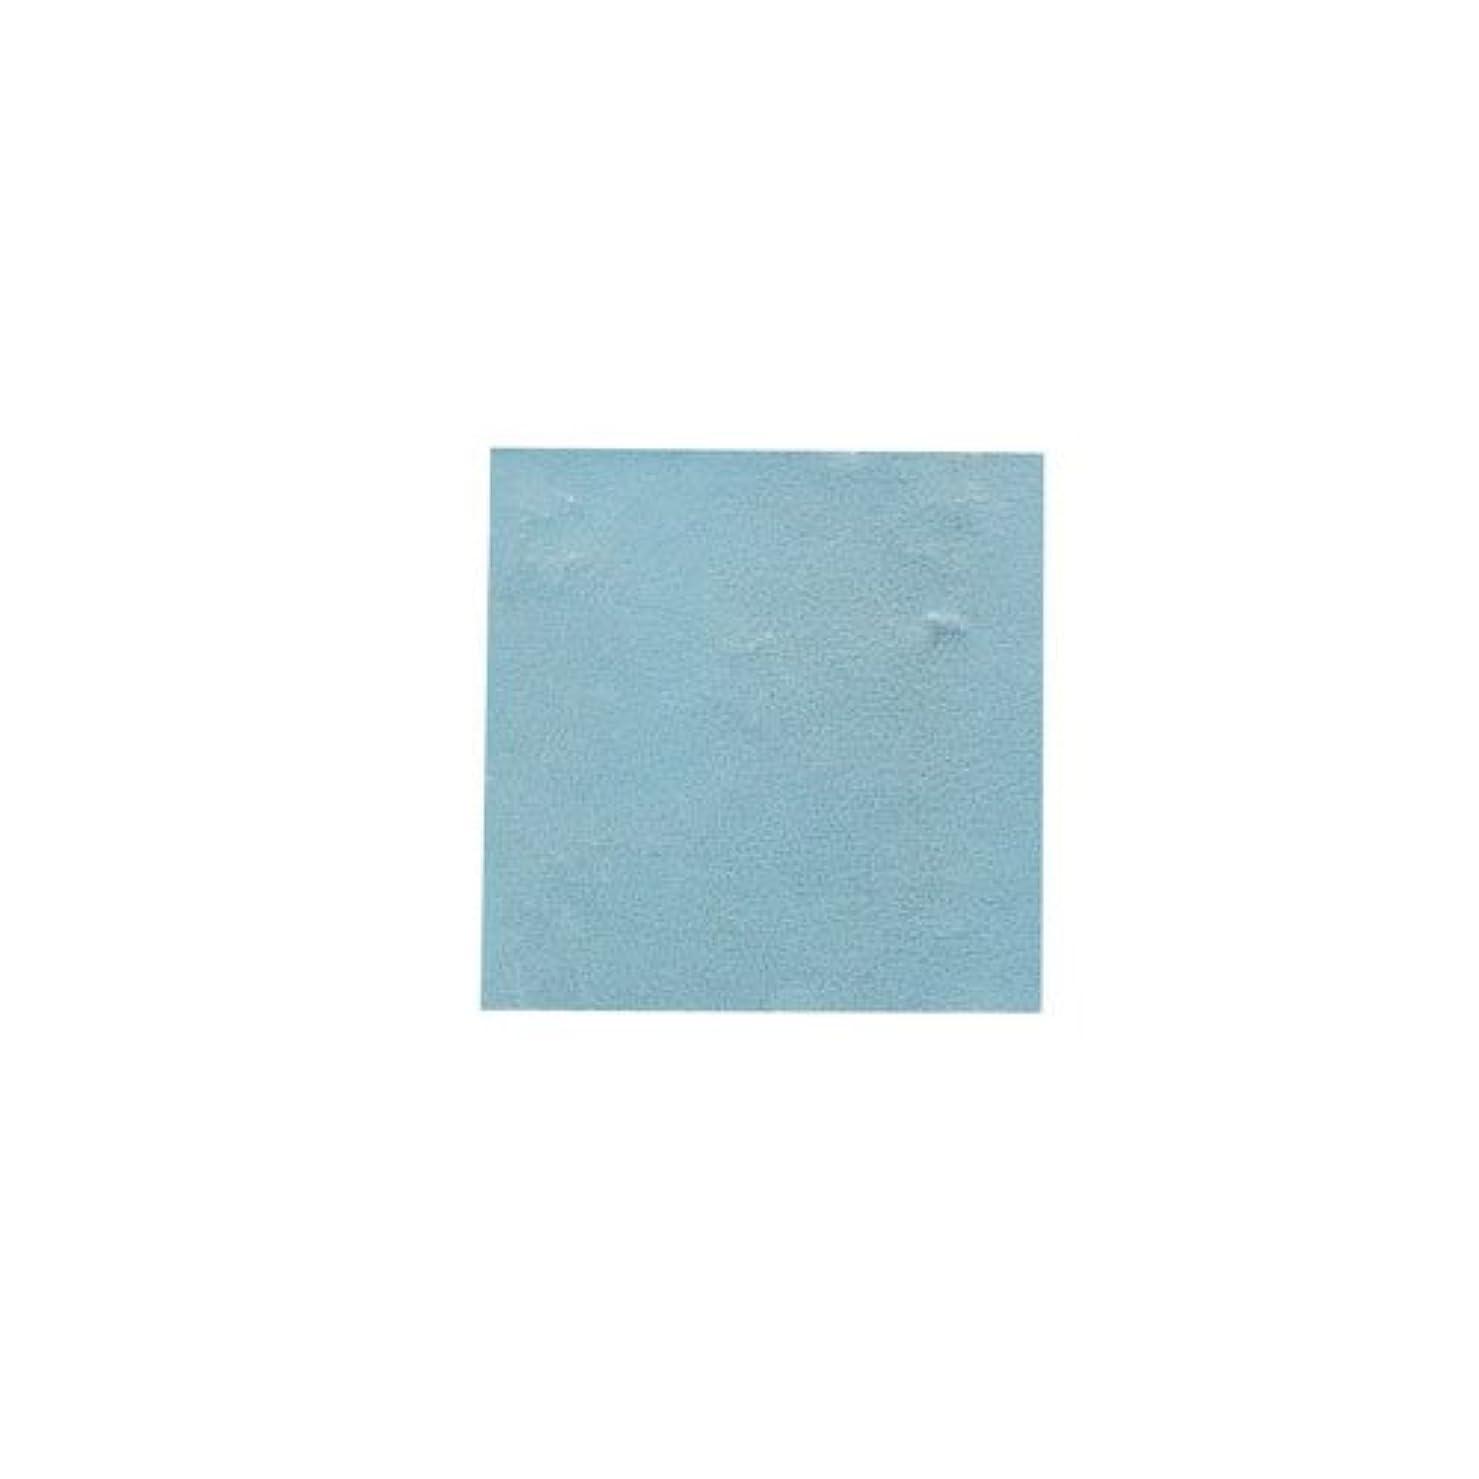 ピカエース ネイル用パウダー パステル銀箔 #647 パステルブルー 3.5㎜角×5枚